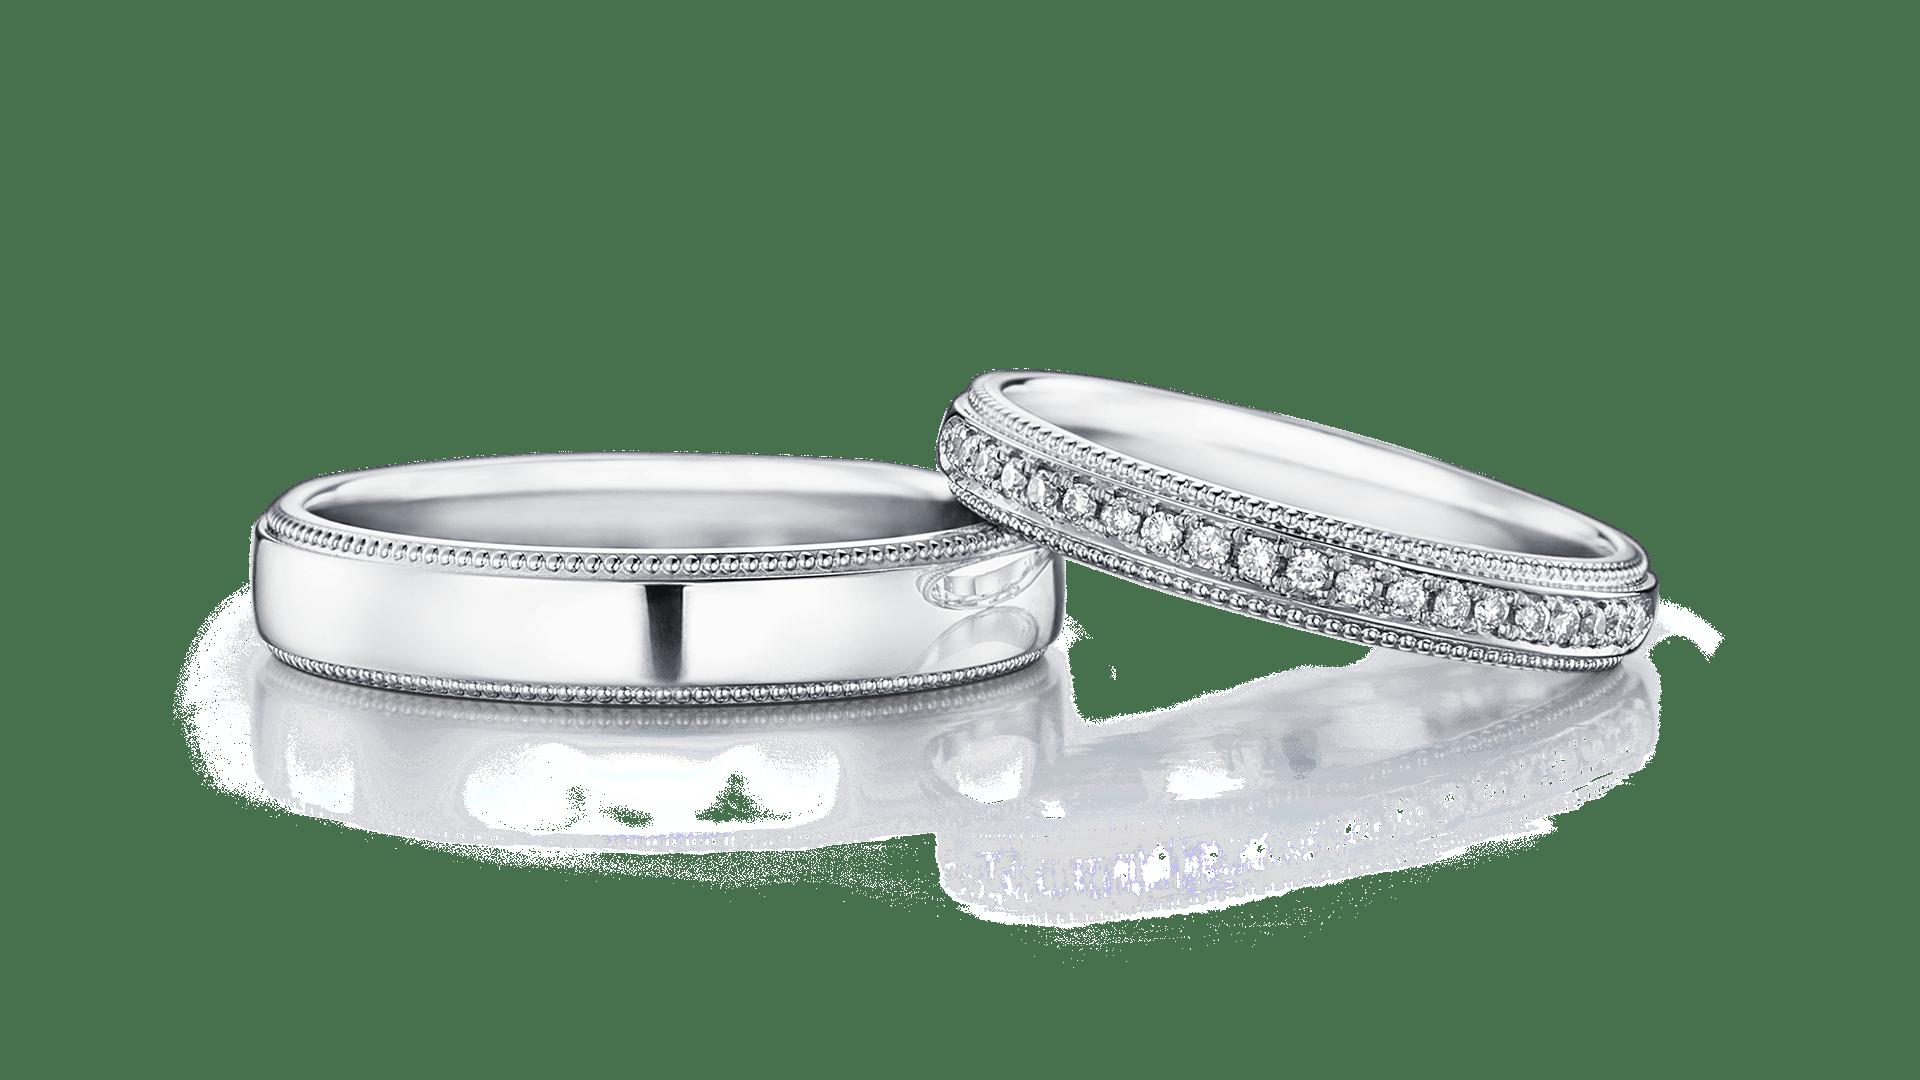 frey DR20 フレイ DR20 | 結婚指輪サムネイル 1